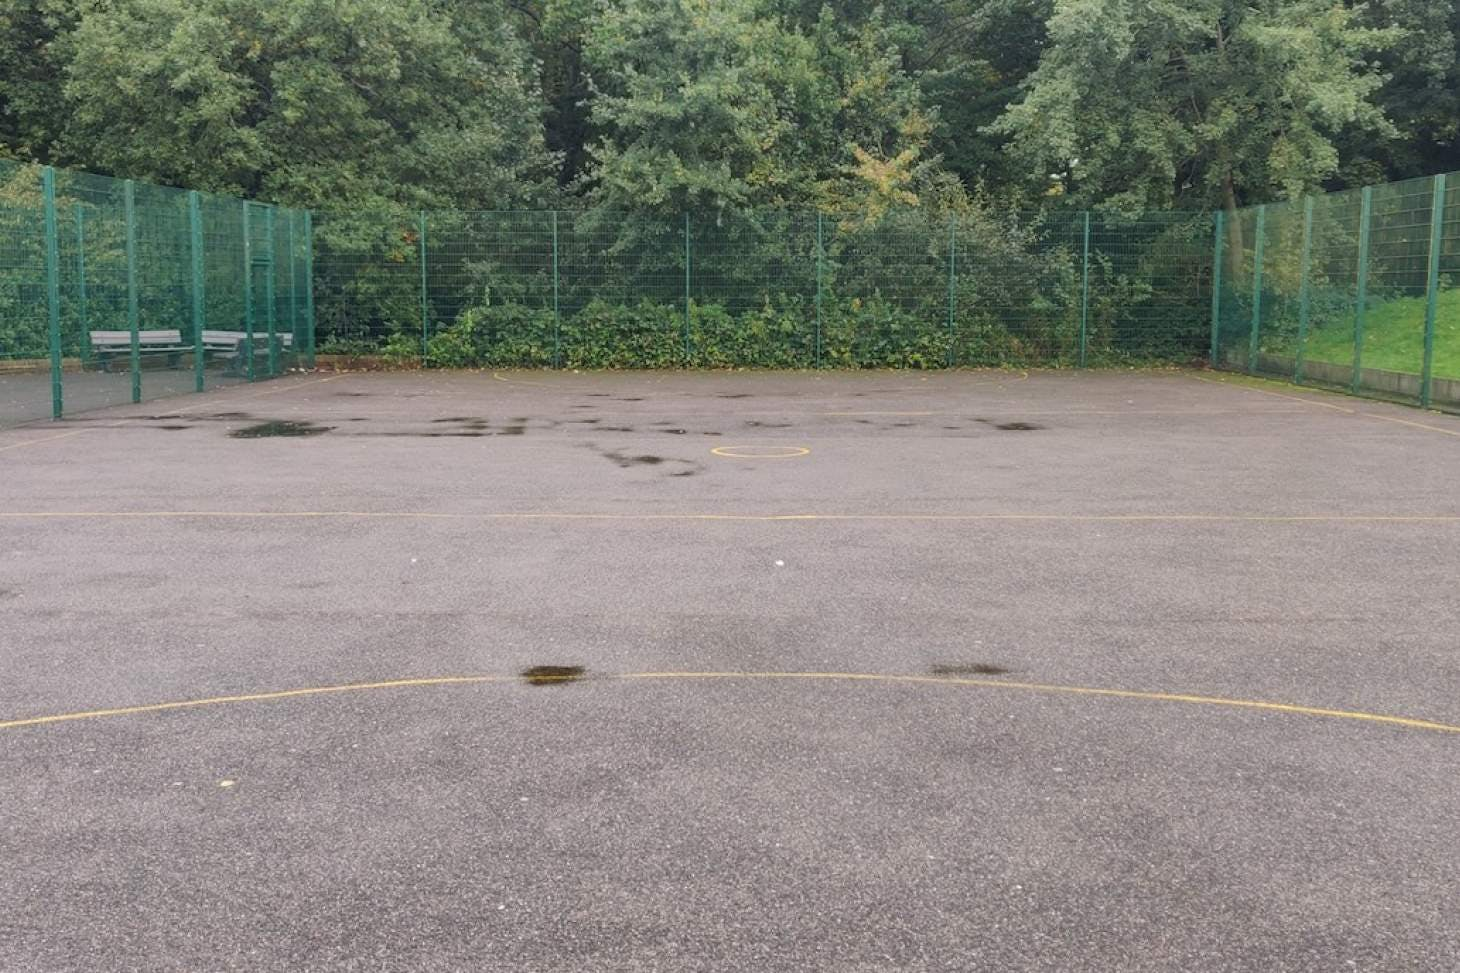 Darrick Wood School Outdoor | Hard (macadam) tennis court